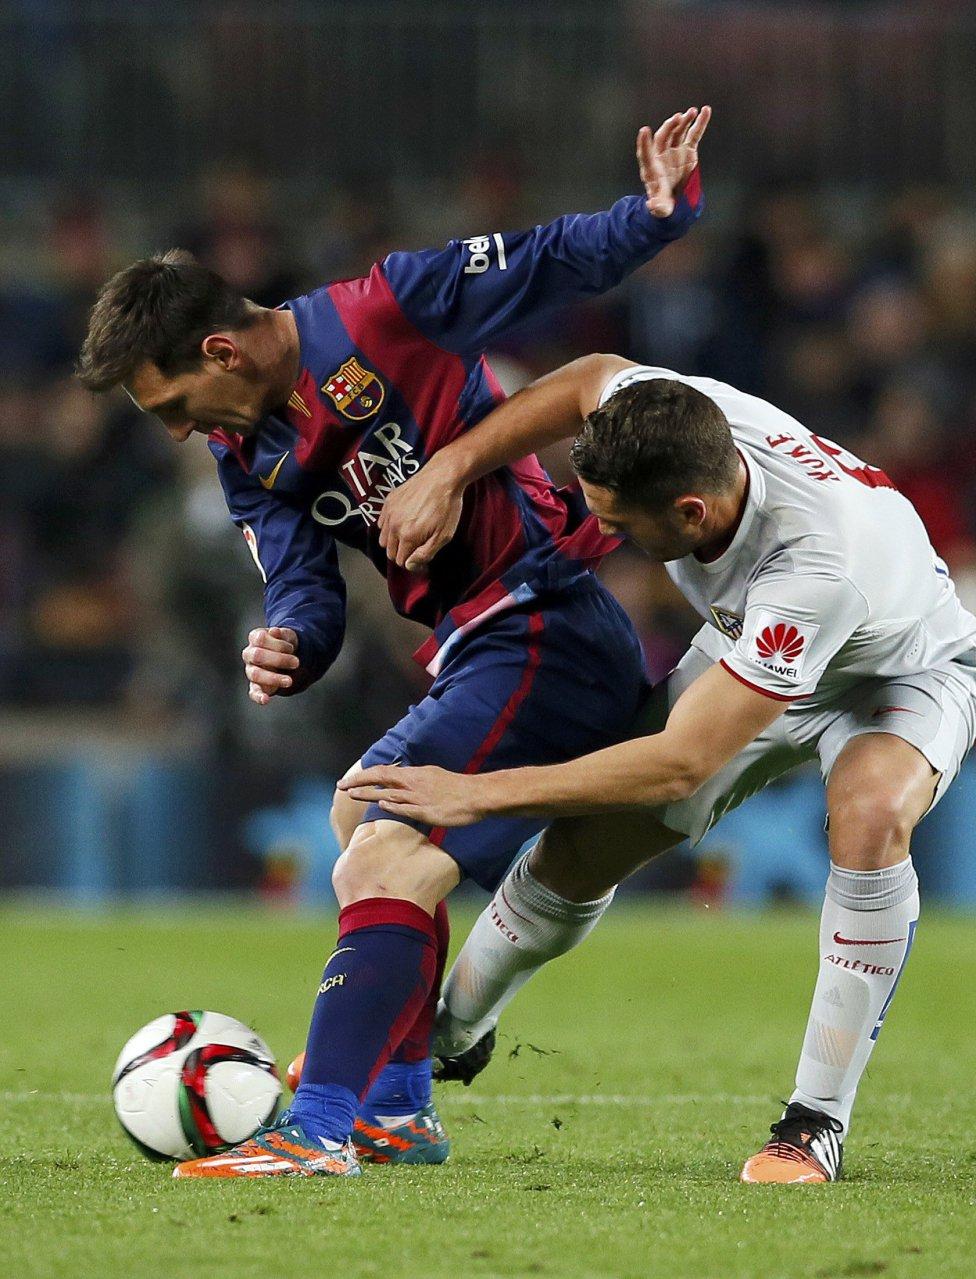 صور : مباراة برشلونة - أتليتيكو مدريد 1-0 ( 20-01-2015 )  1421837708_296690_1421876316_album_grande